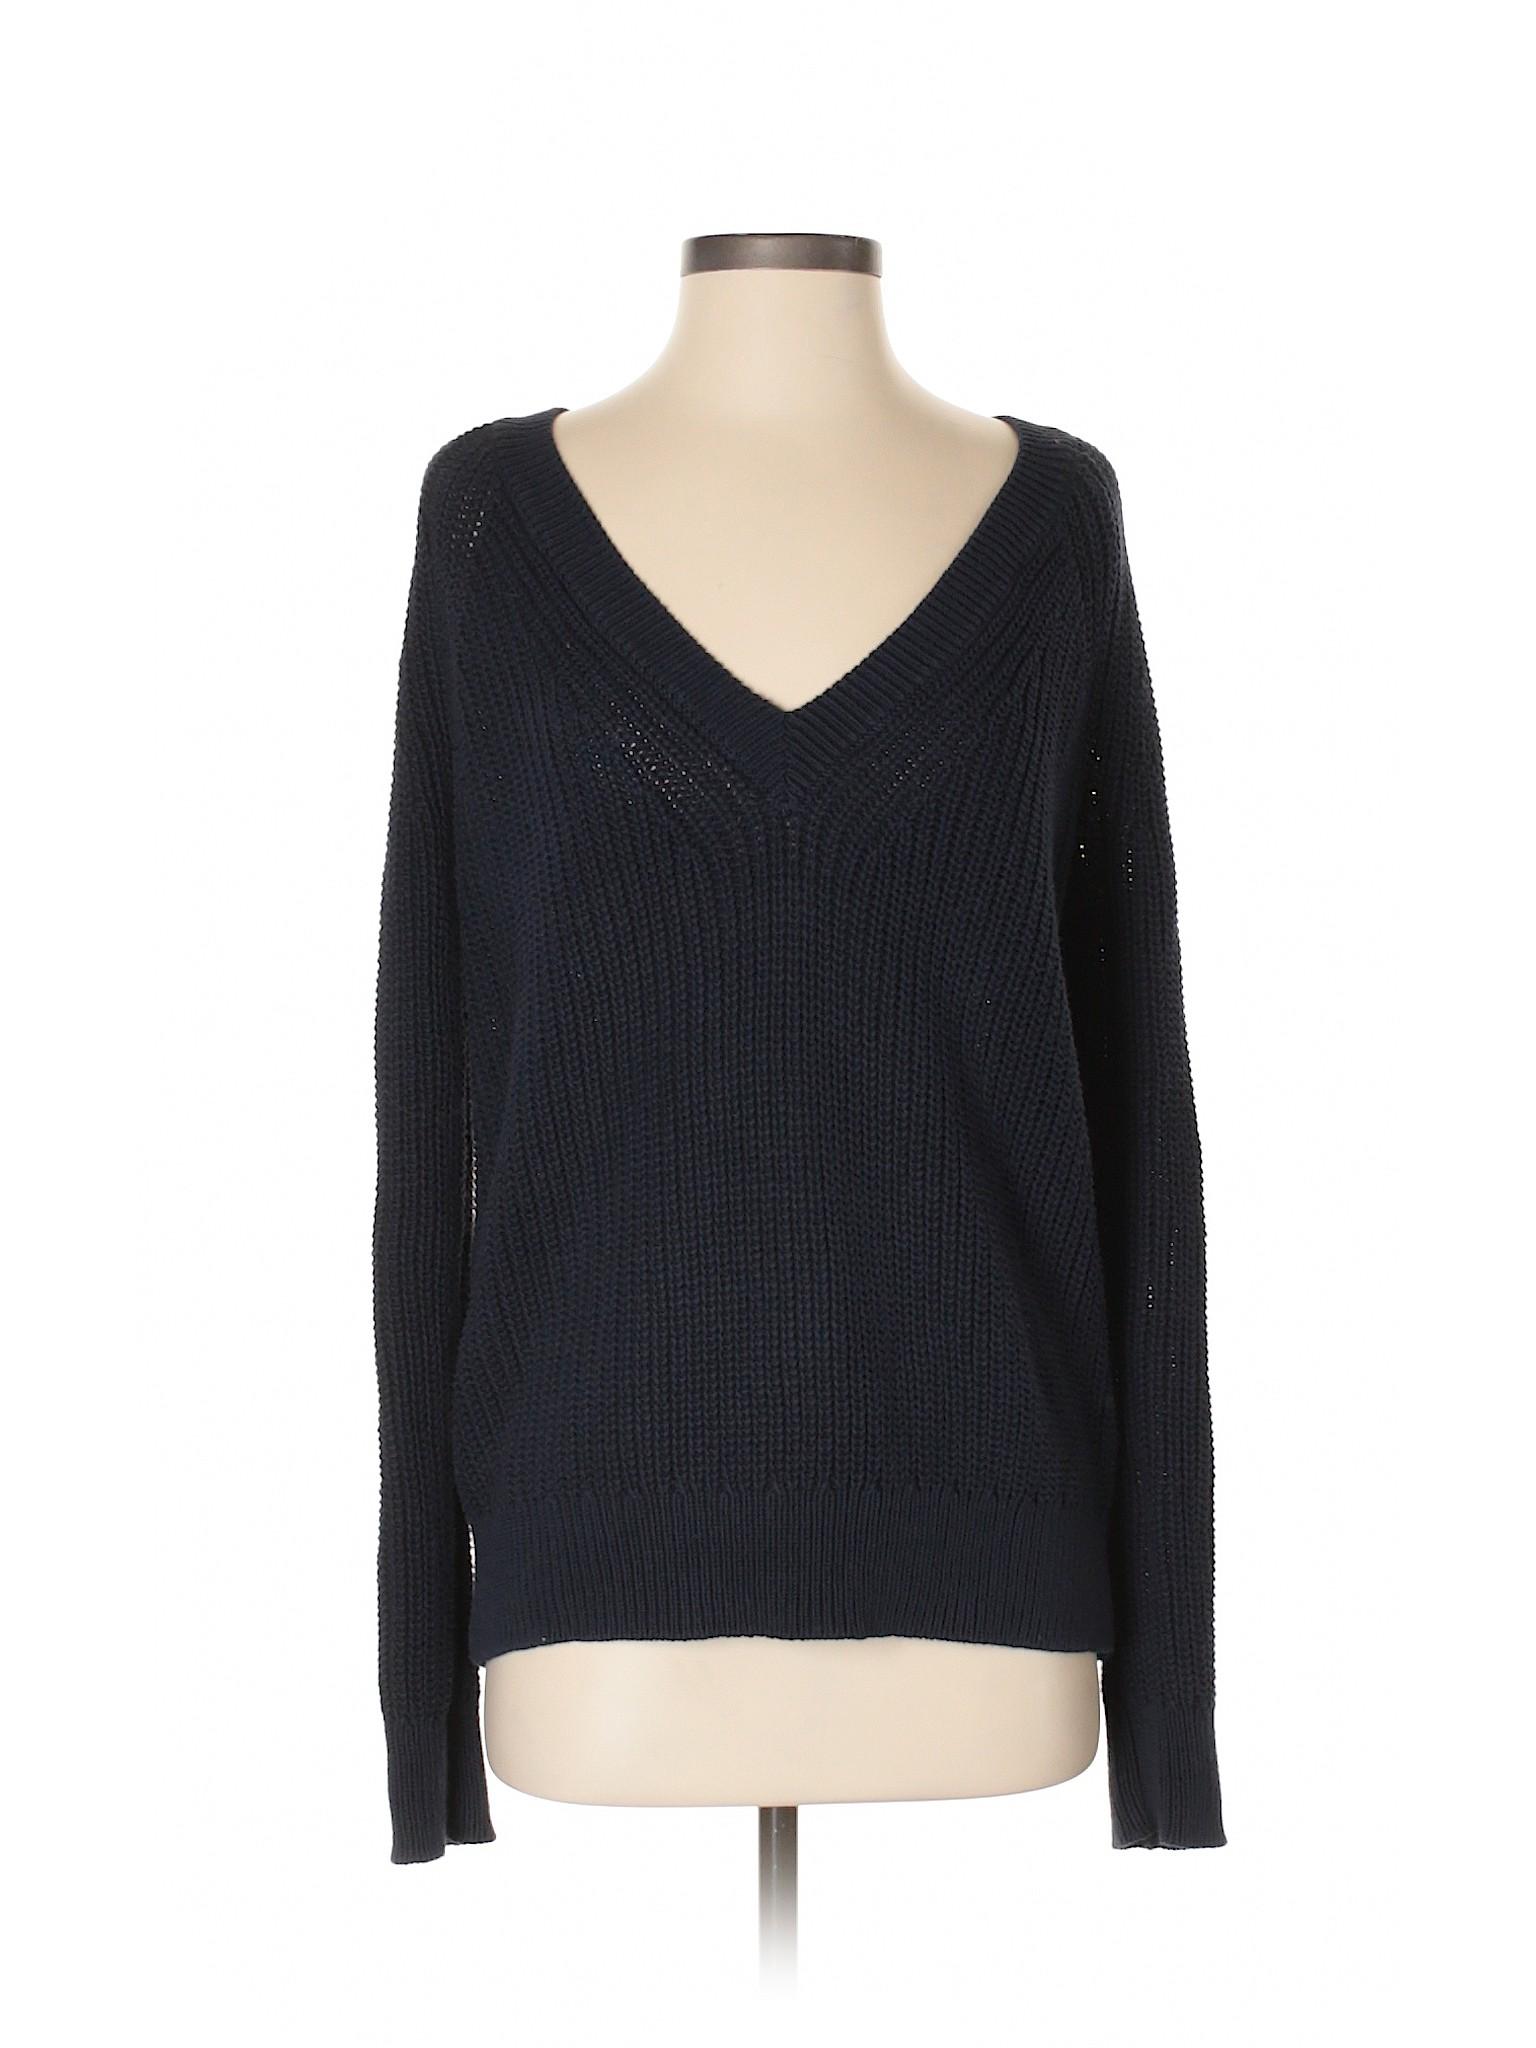 Pullover 360 Boutique Boutique 360 Sweater Sweater r0qEIqv